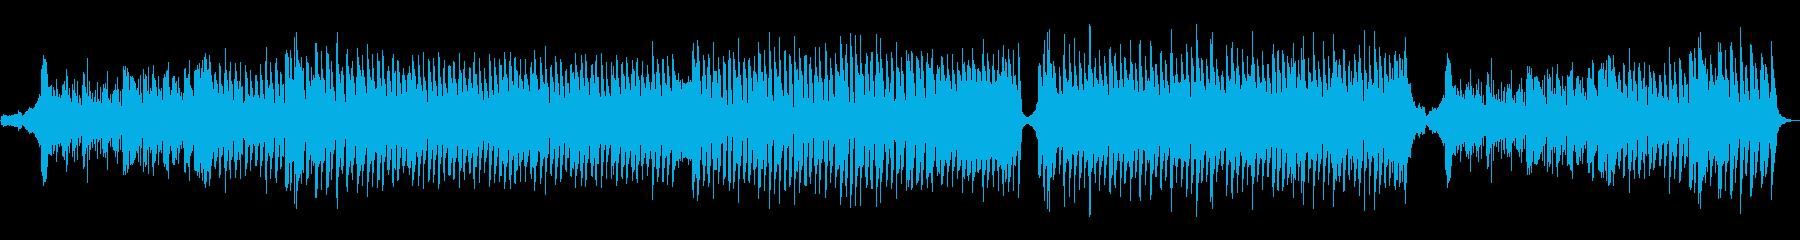 明るく華やかポップオーケストラ:低い弦の再生済みの波形